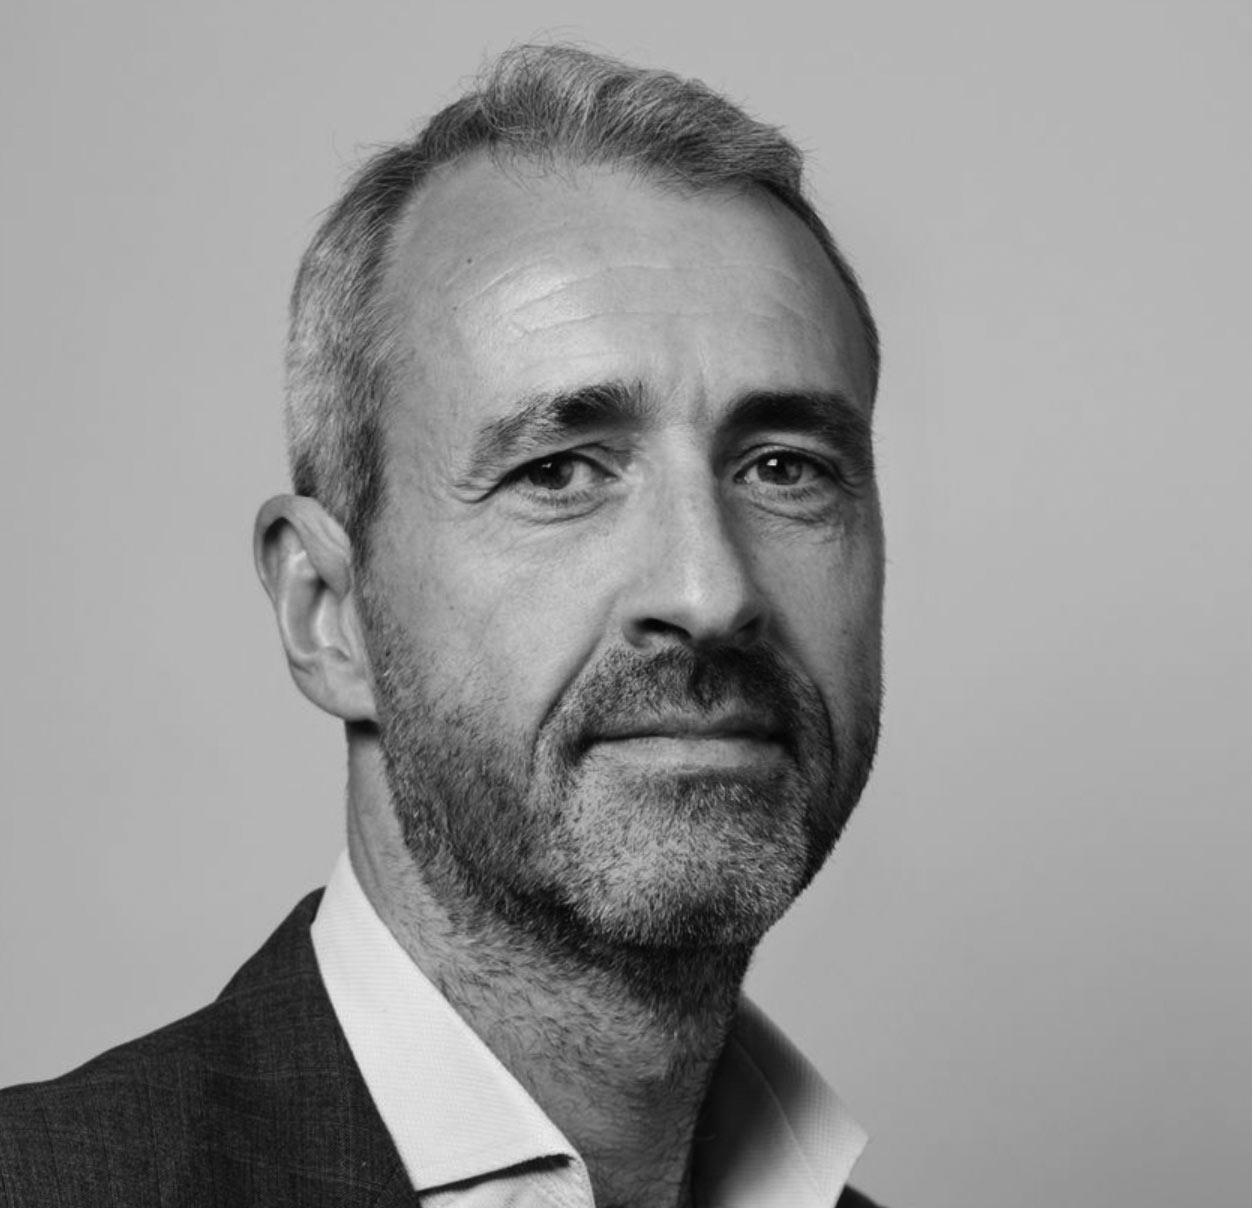 Olaf Thommessen, SMB Norges administrerende direktør